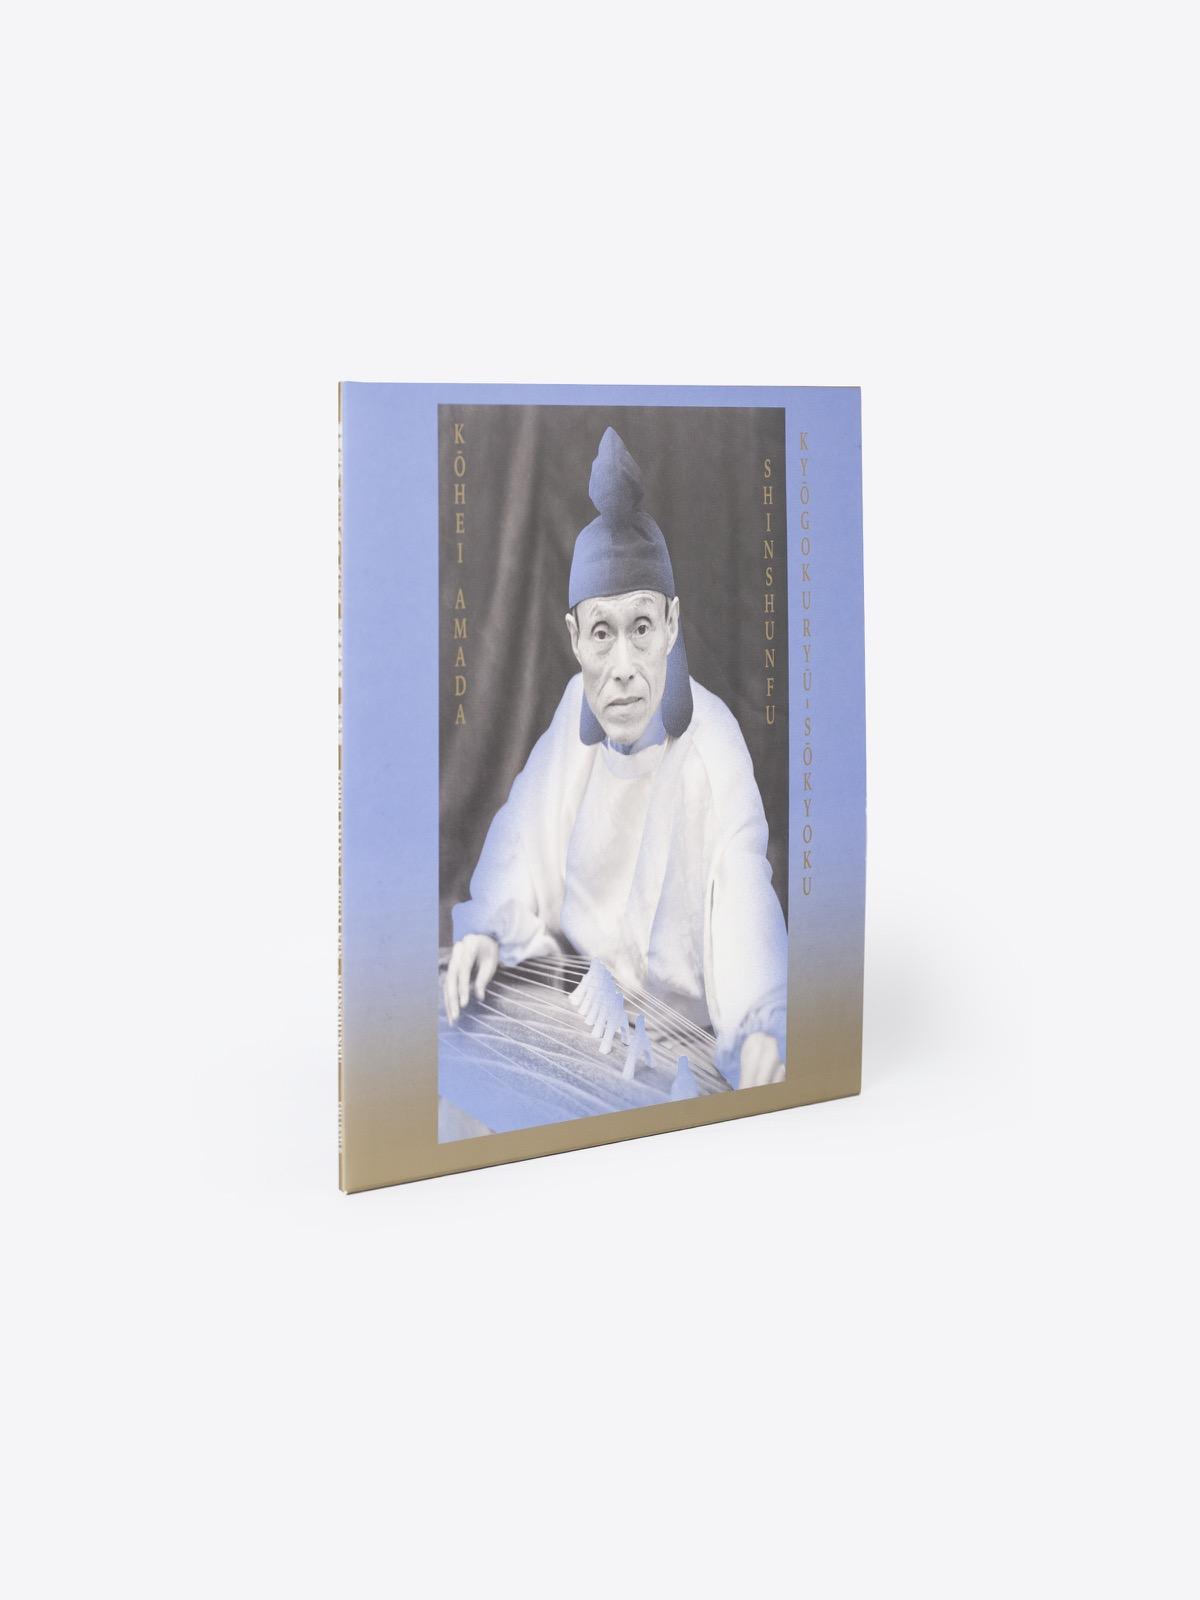 em records Kohei Amada, Sugai Ken - Kyogokuryu - Sokyoku - Shinshunfu